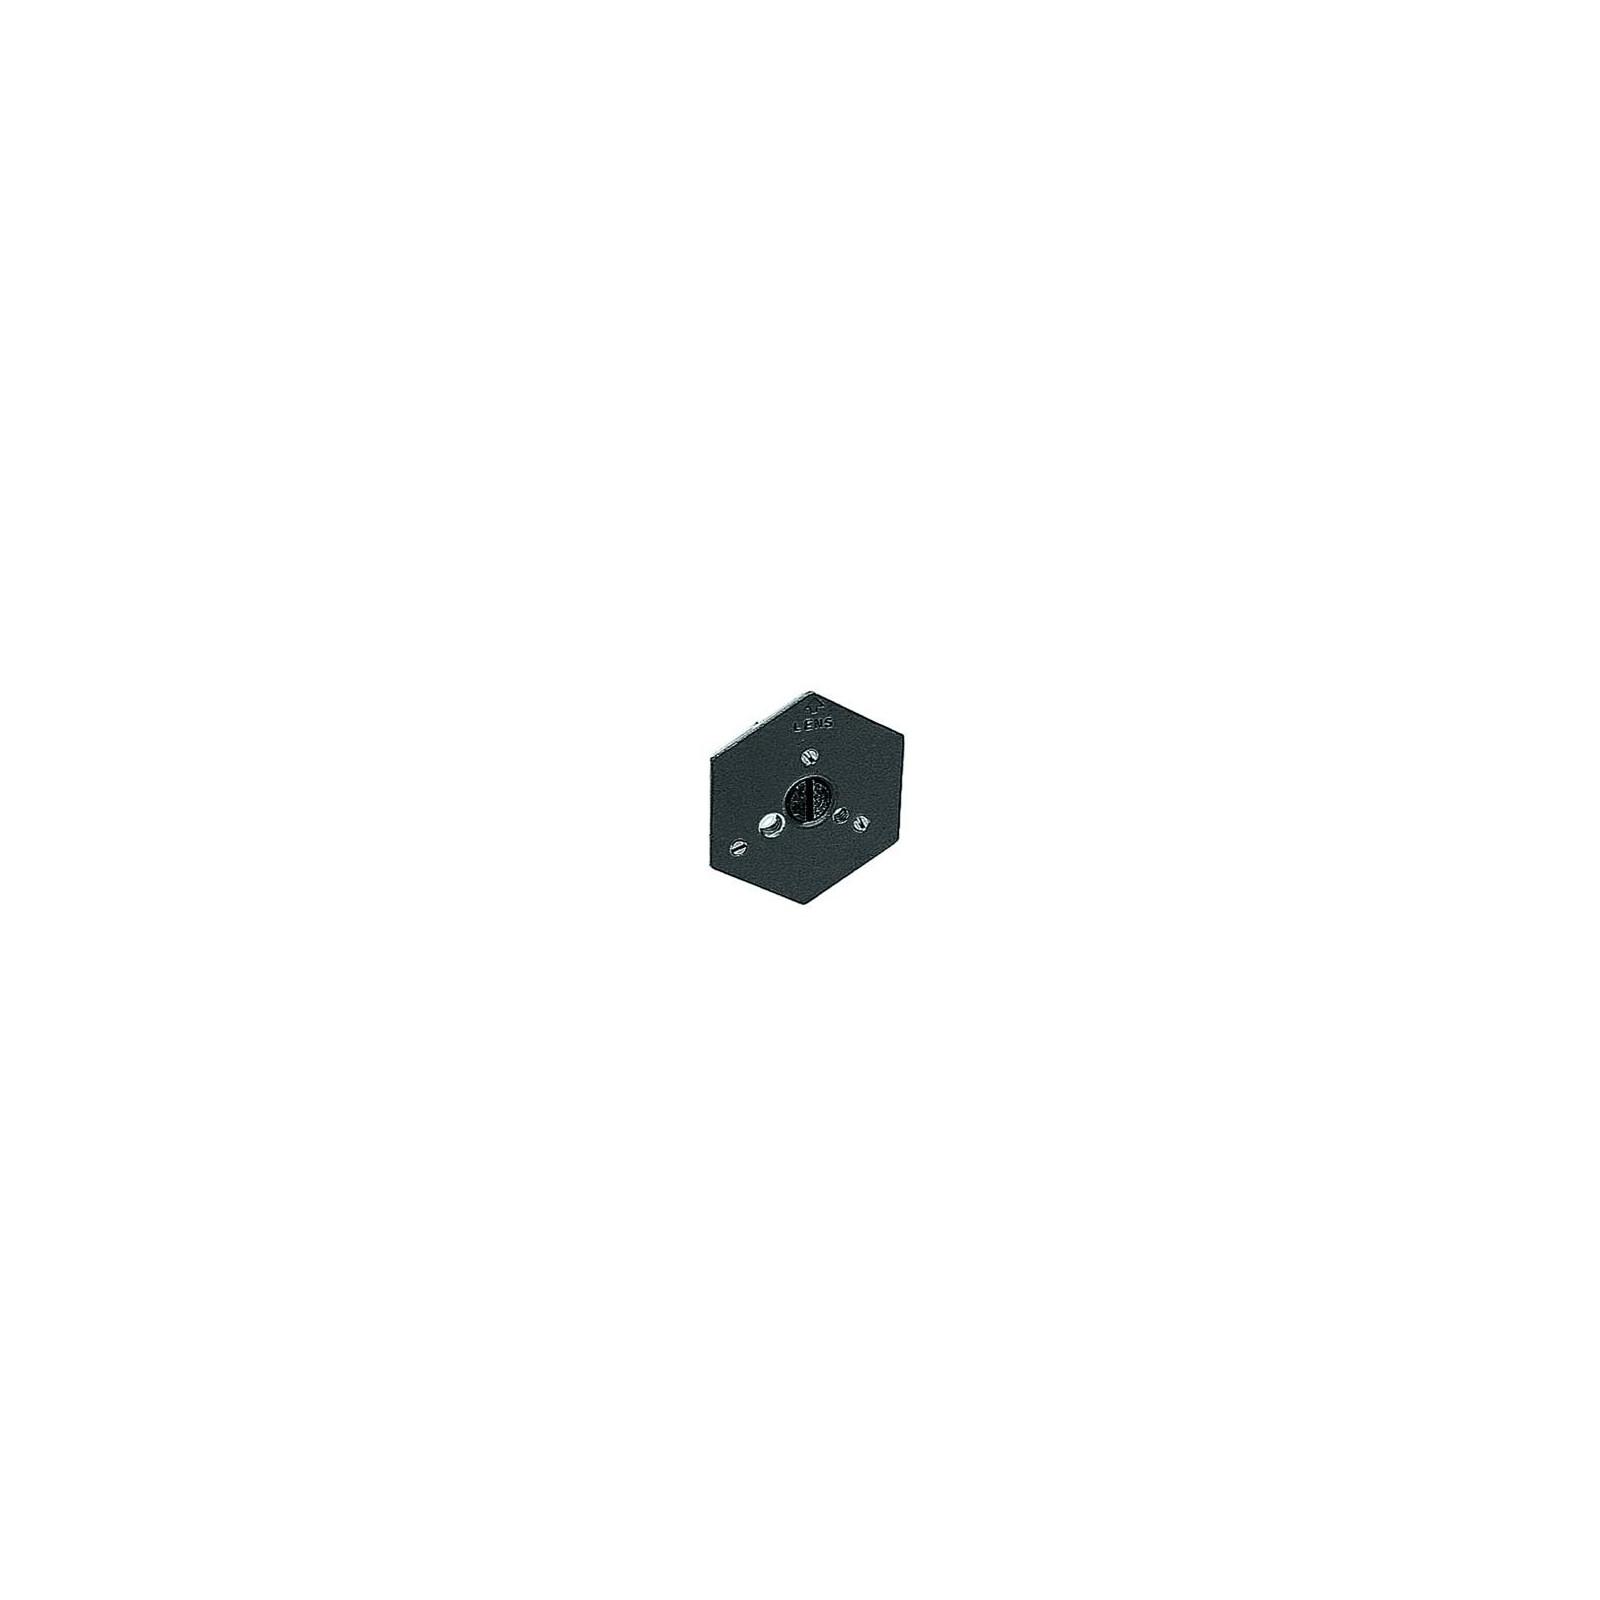 Manfrotto 130-14 Schnellwechselplatte